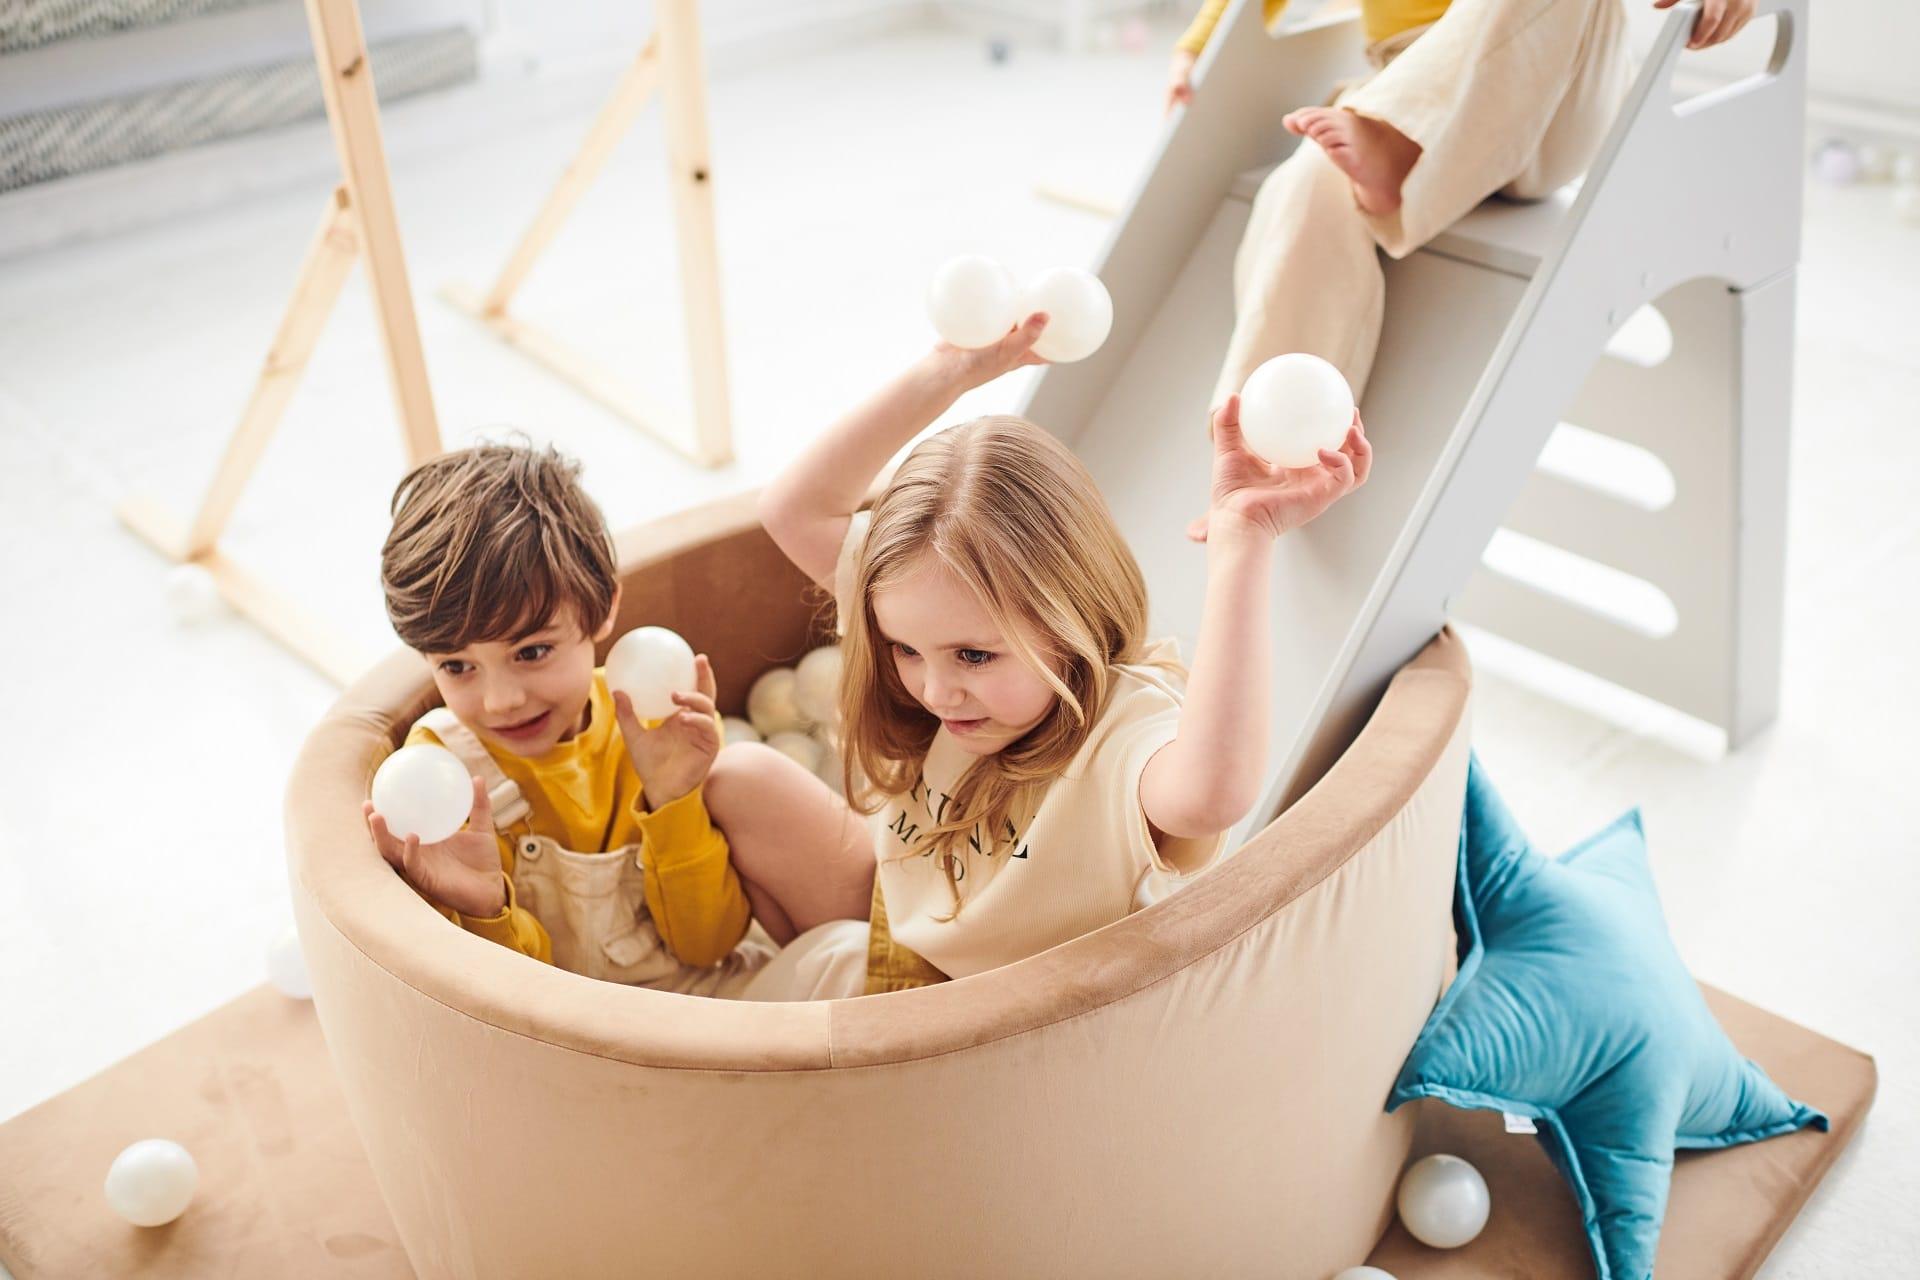 Ist es möglich, einen Spielplatz für Kinder zu Hause einzurichten?